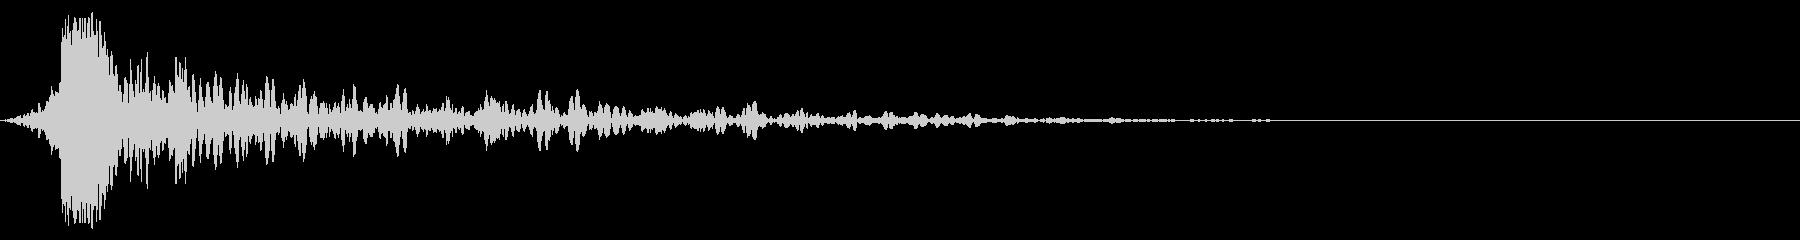 ホラー系アタック音51の未再生の波形